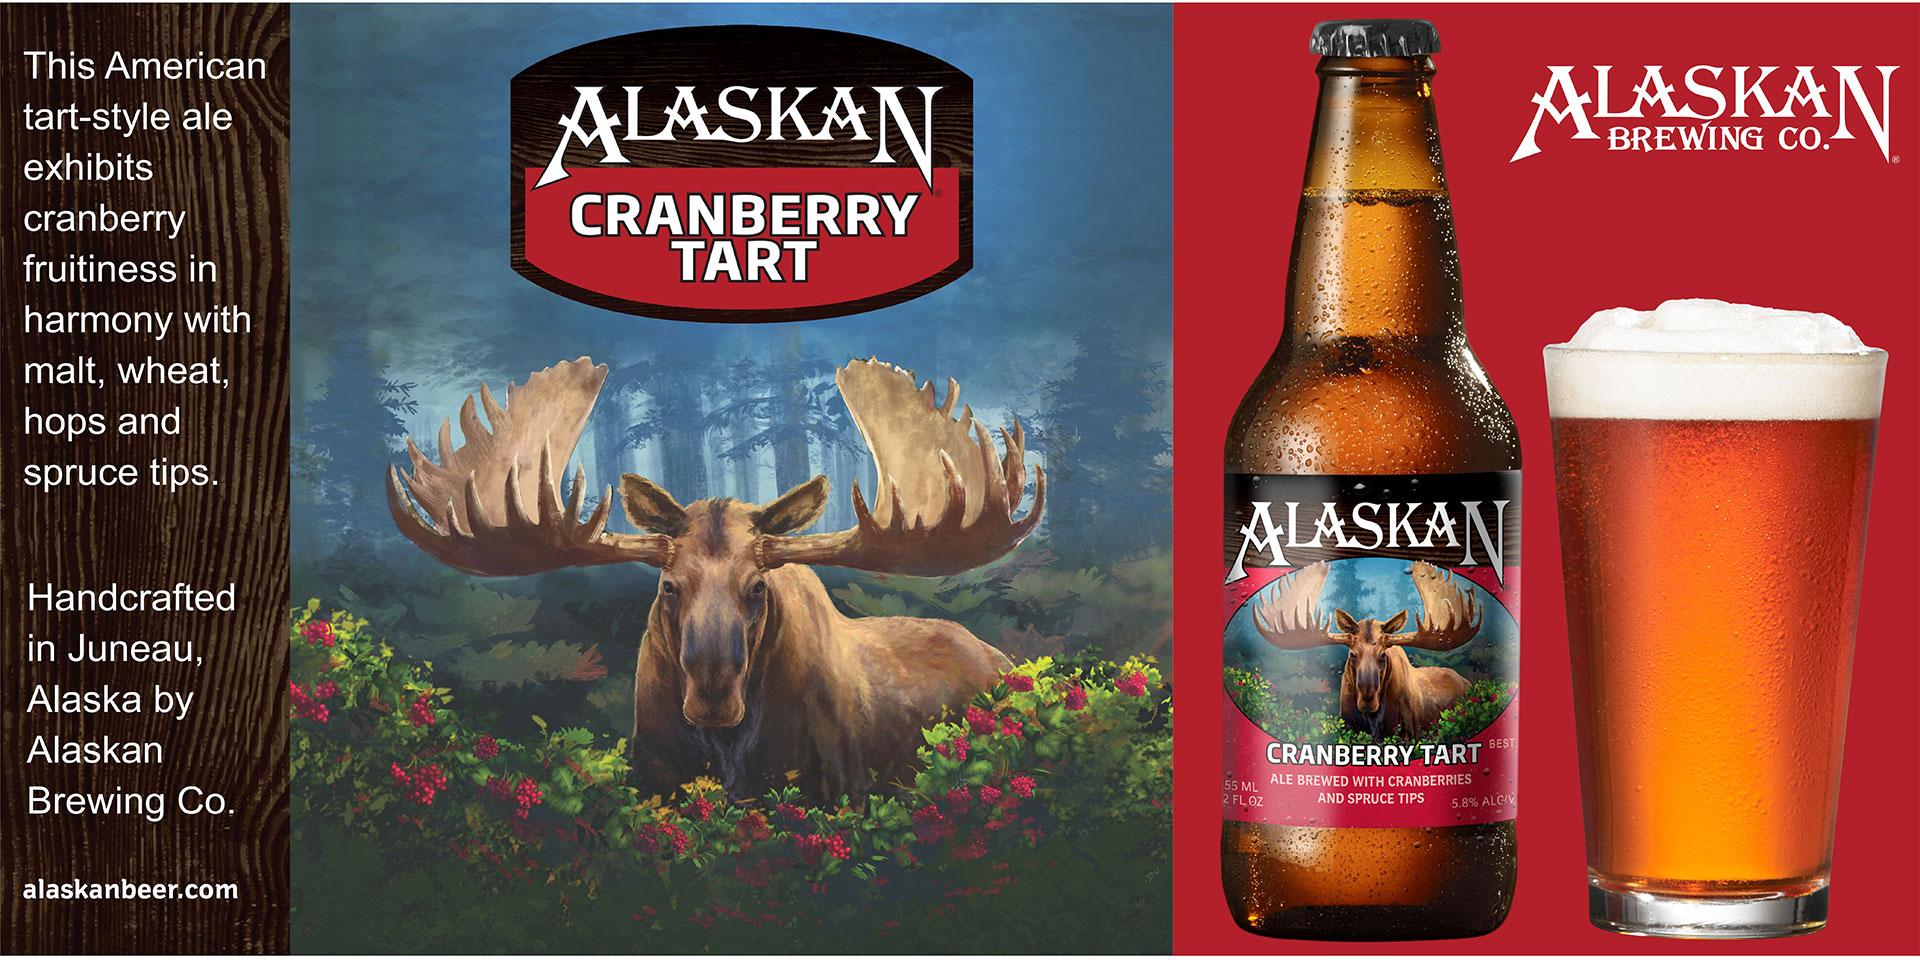 AlaskanCranberryTart